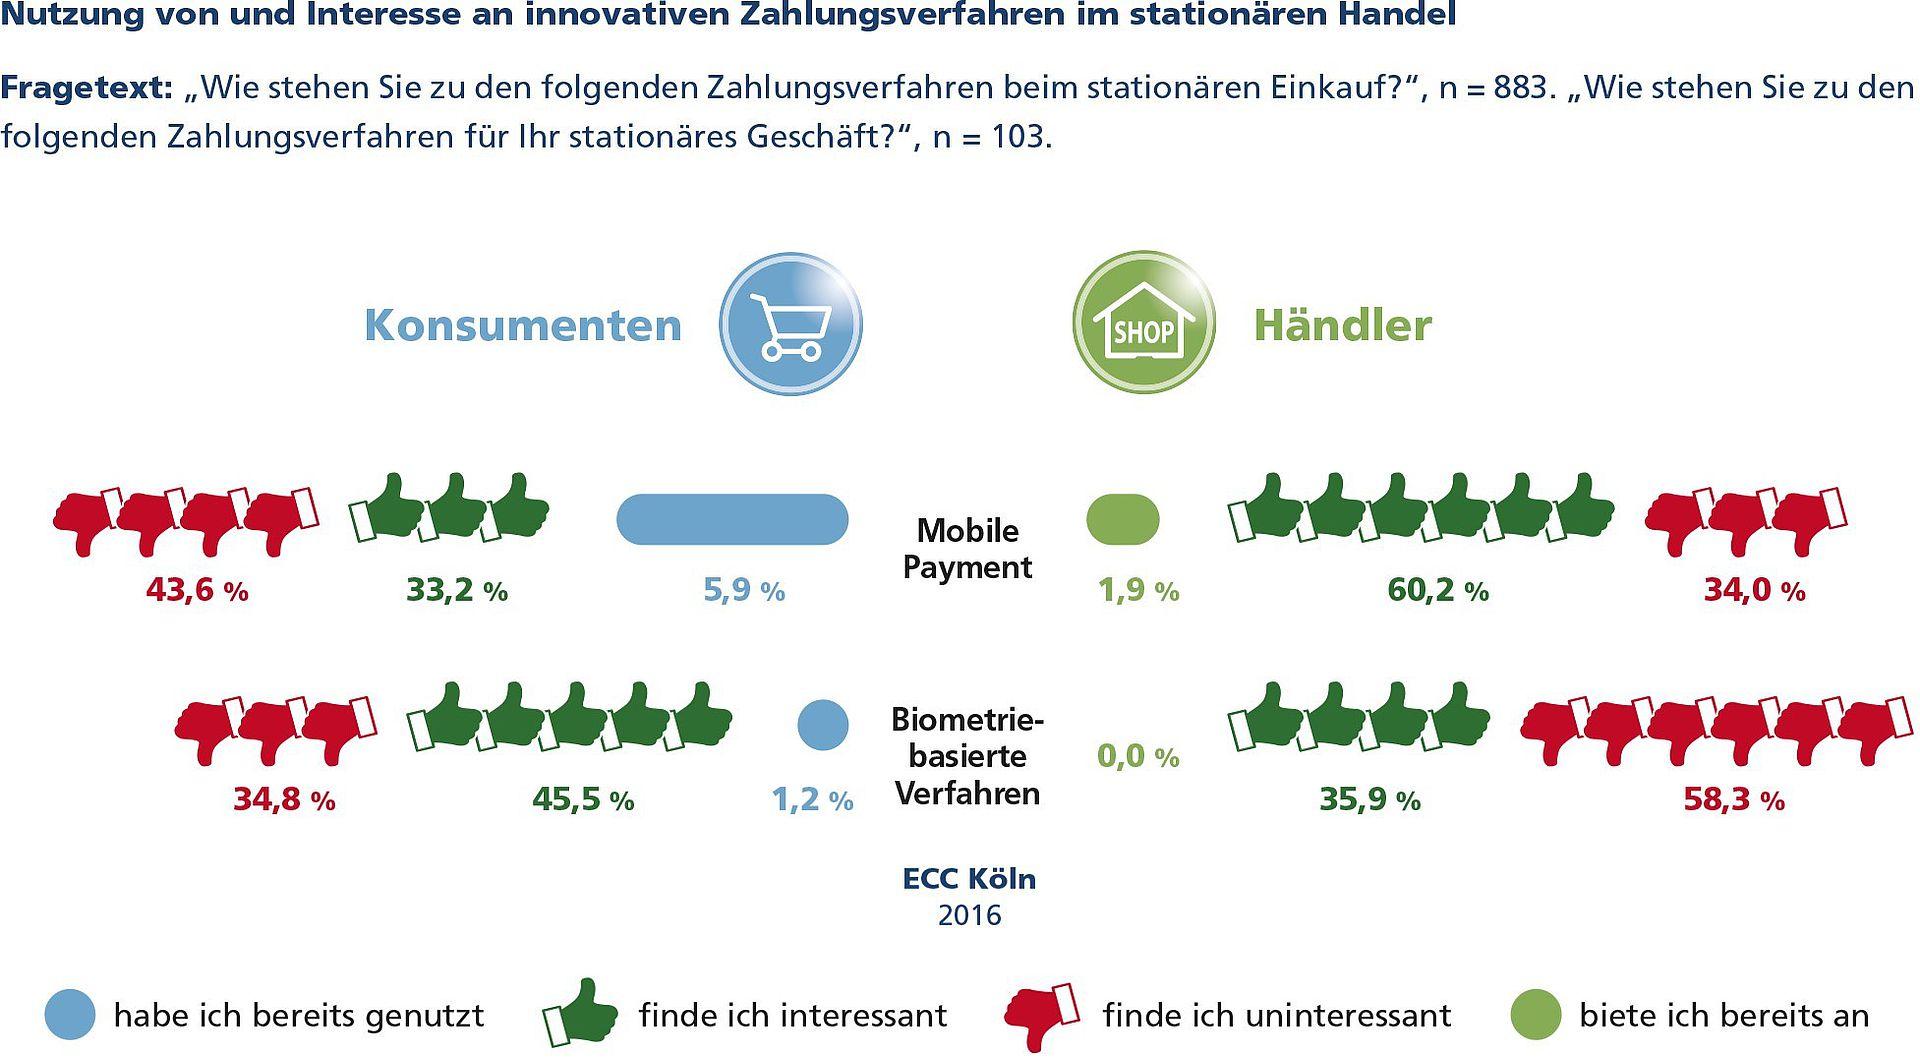 Innovative_Zahlverfahren_im_stationaeren_Handel